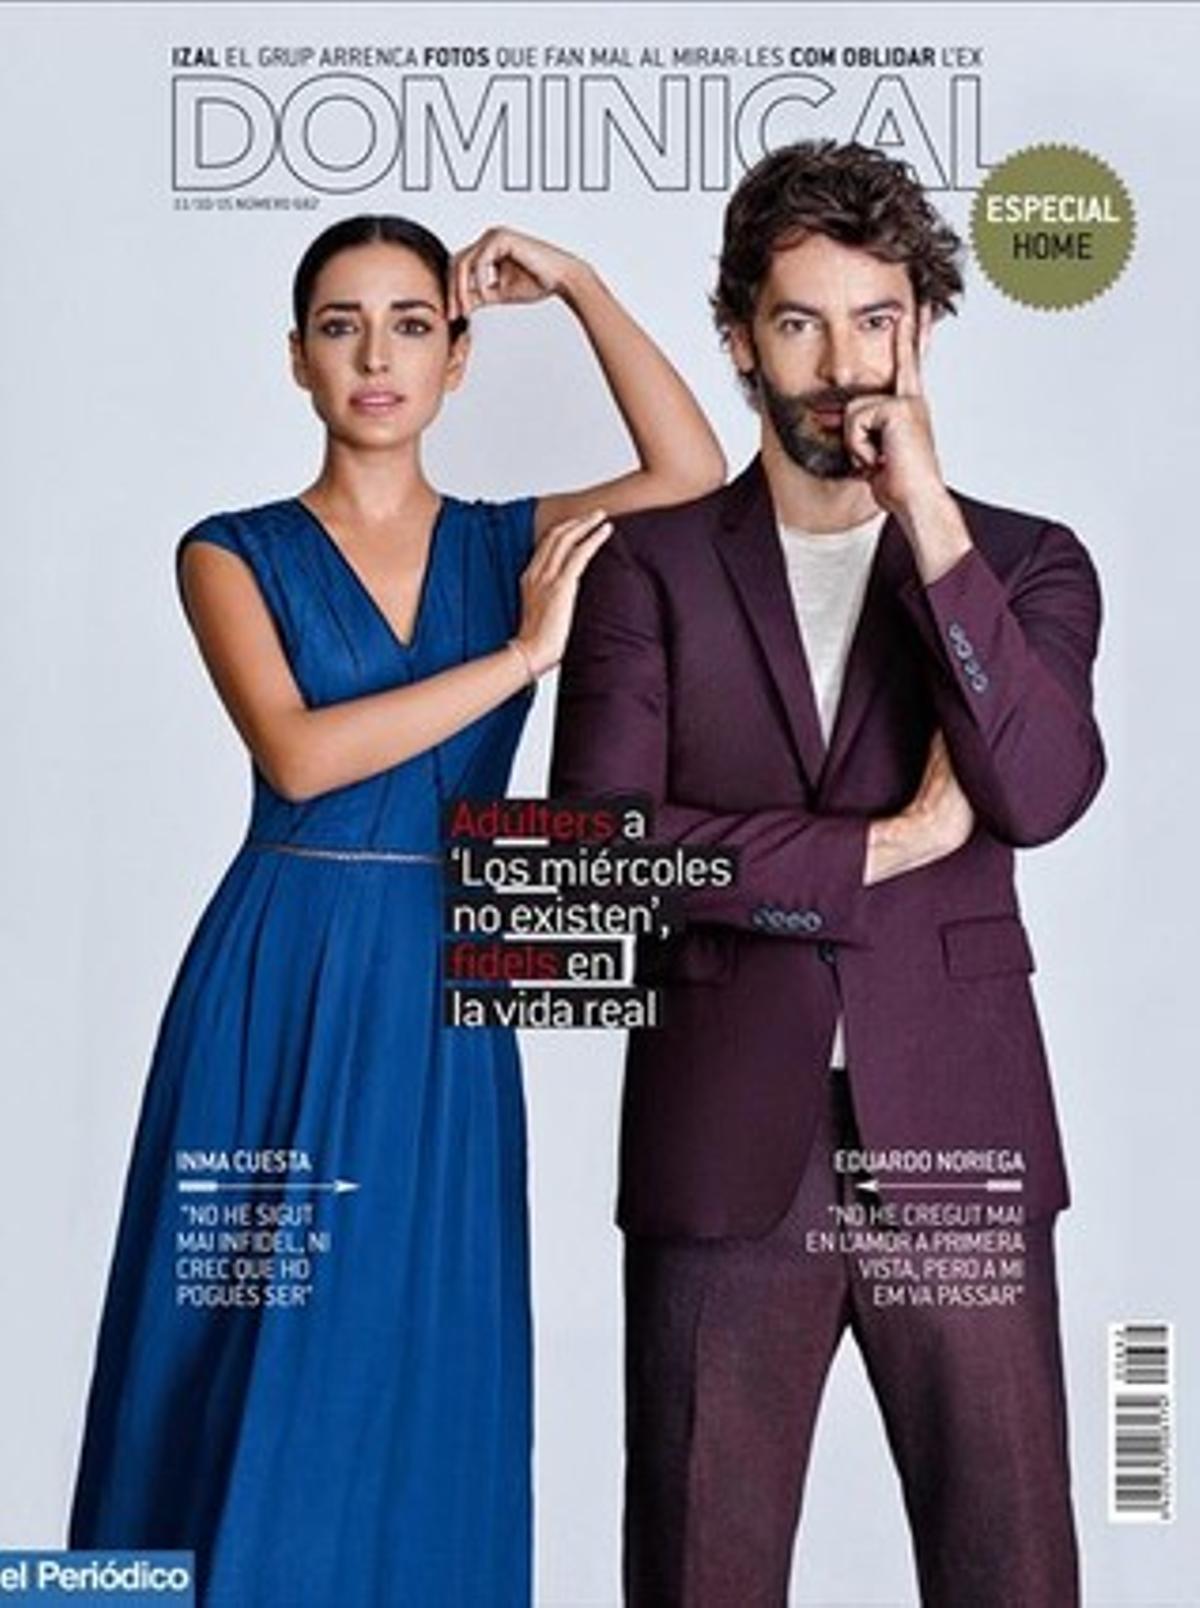 Eduardo Noriega e Inma Cuesta, en la portada de 'Dominical'. Foto: Vicente Merino.